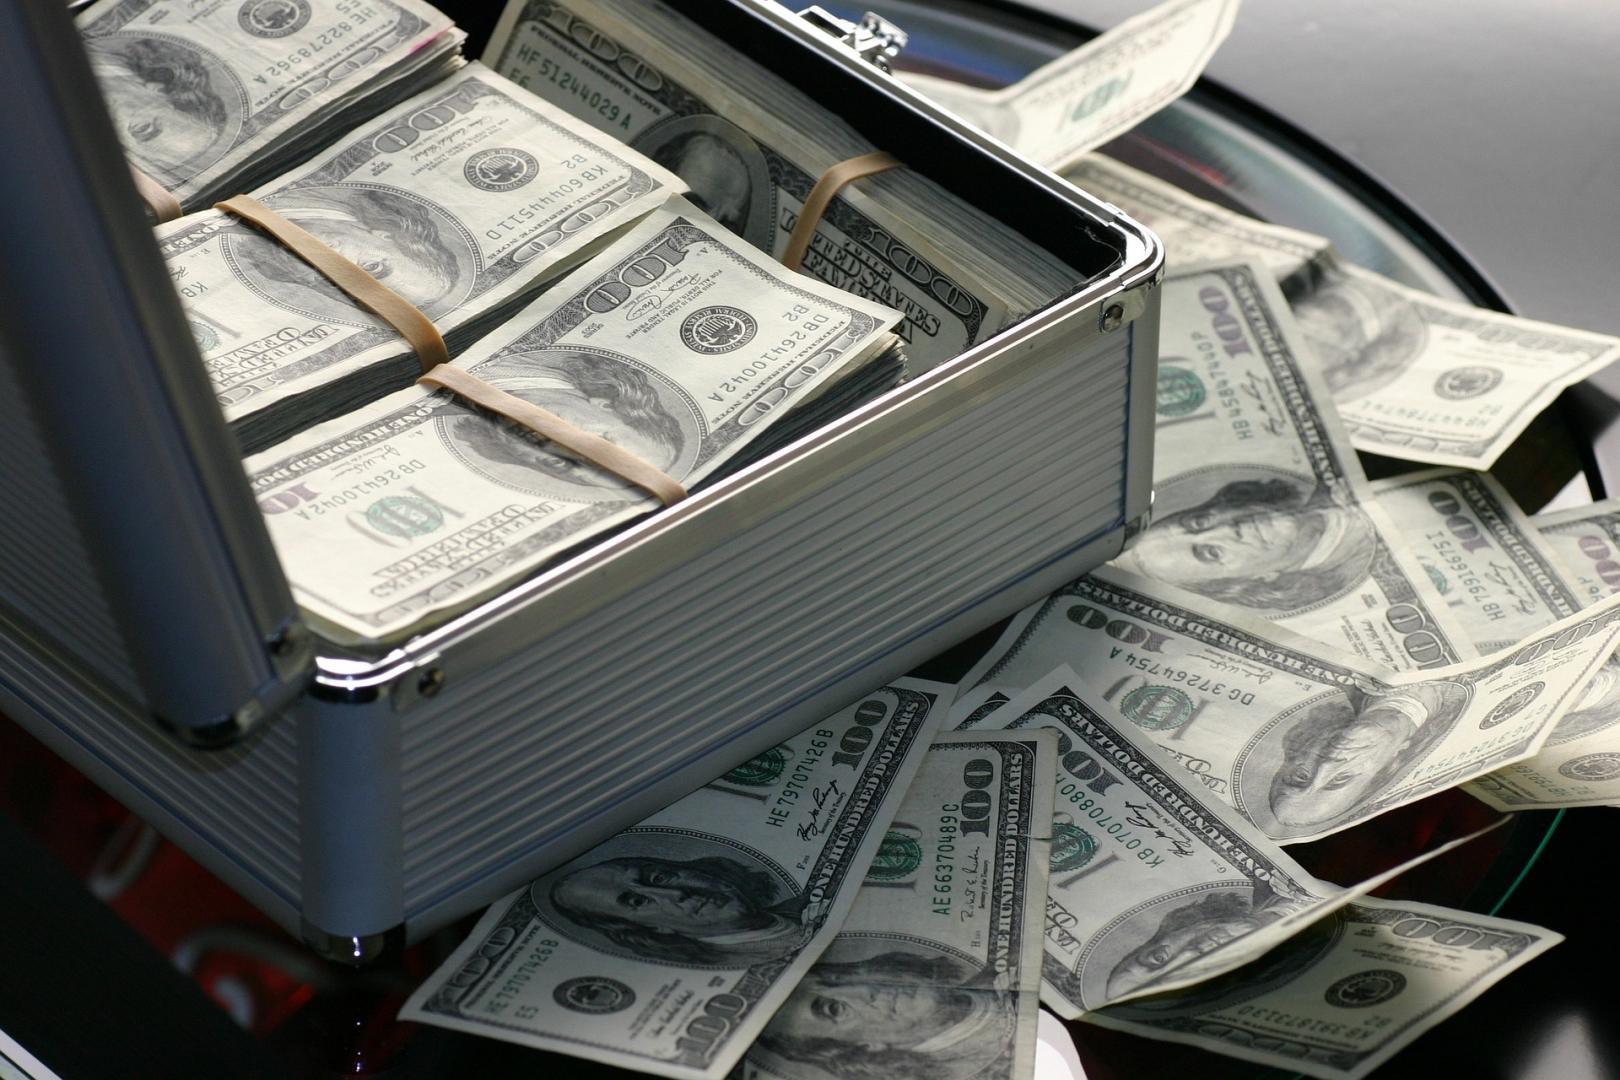 20180912-18-24-На создание центра Солженицына в Рязани выделят 60 млн рублей